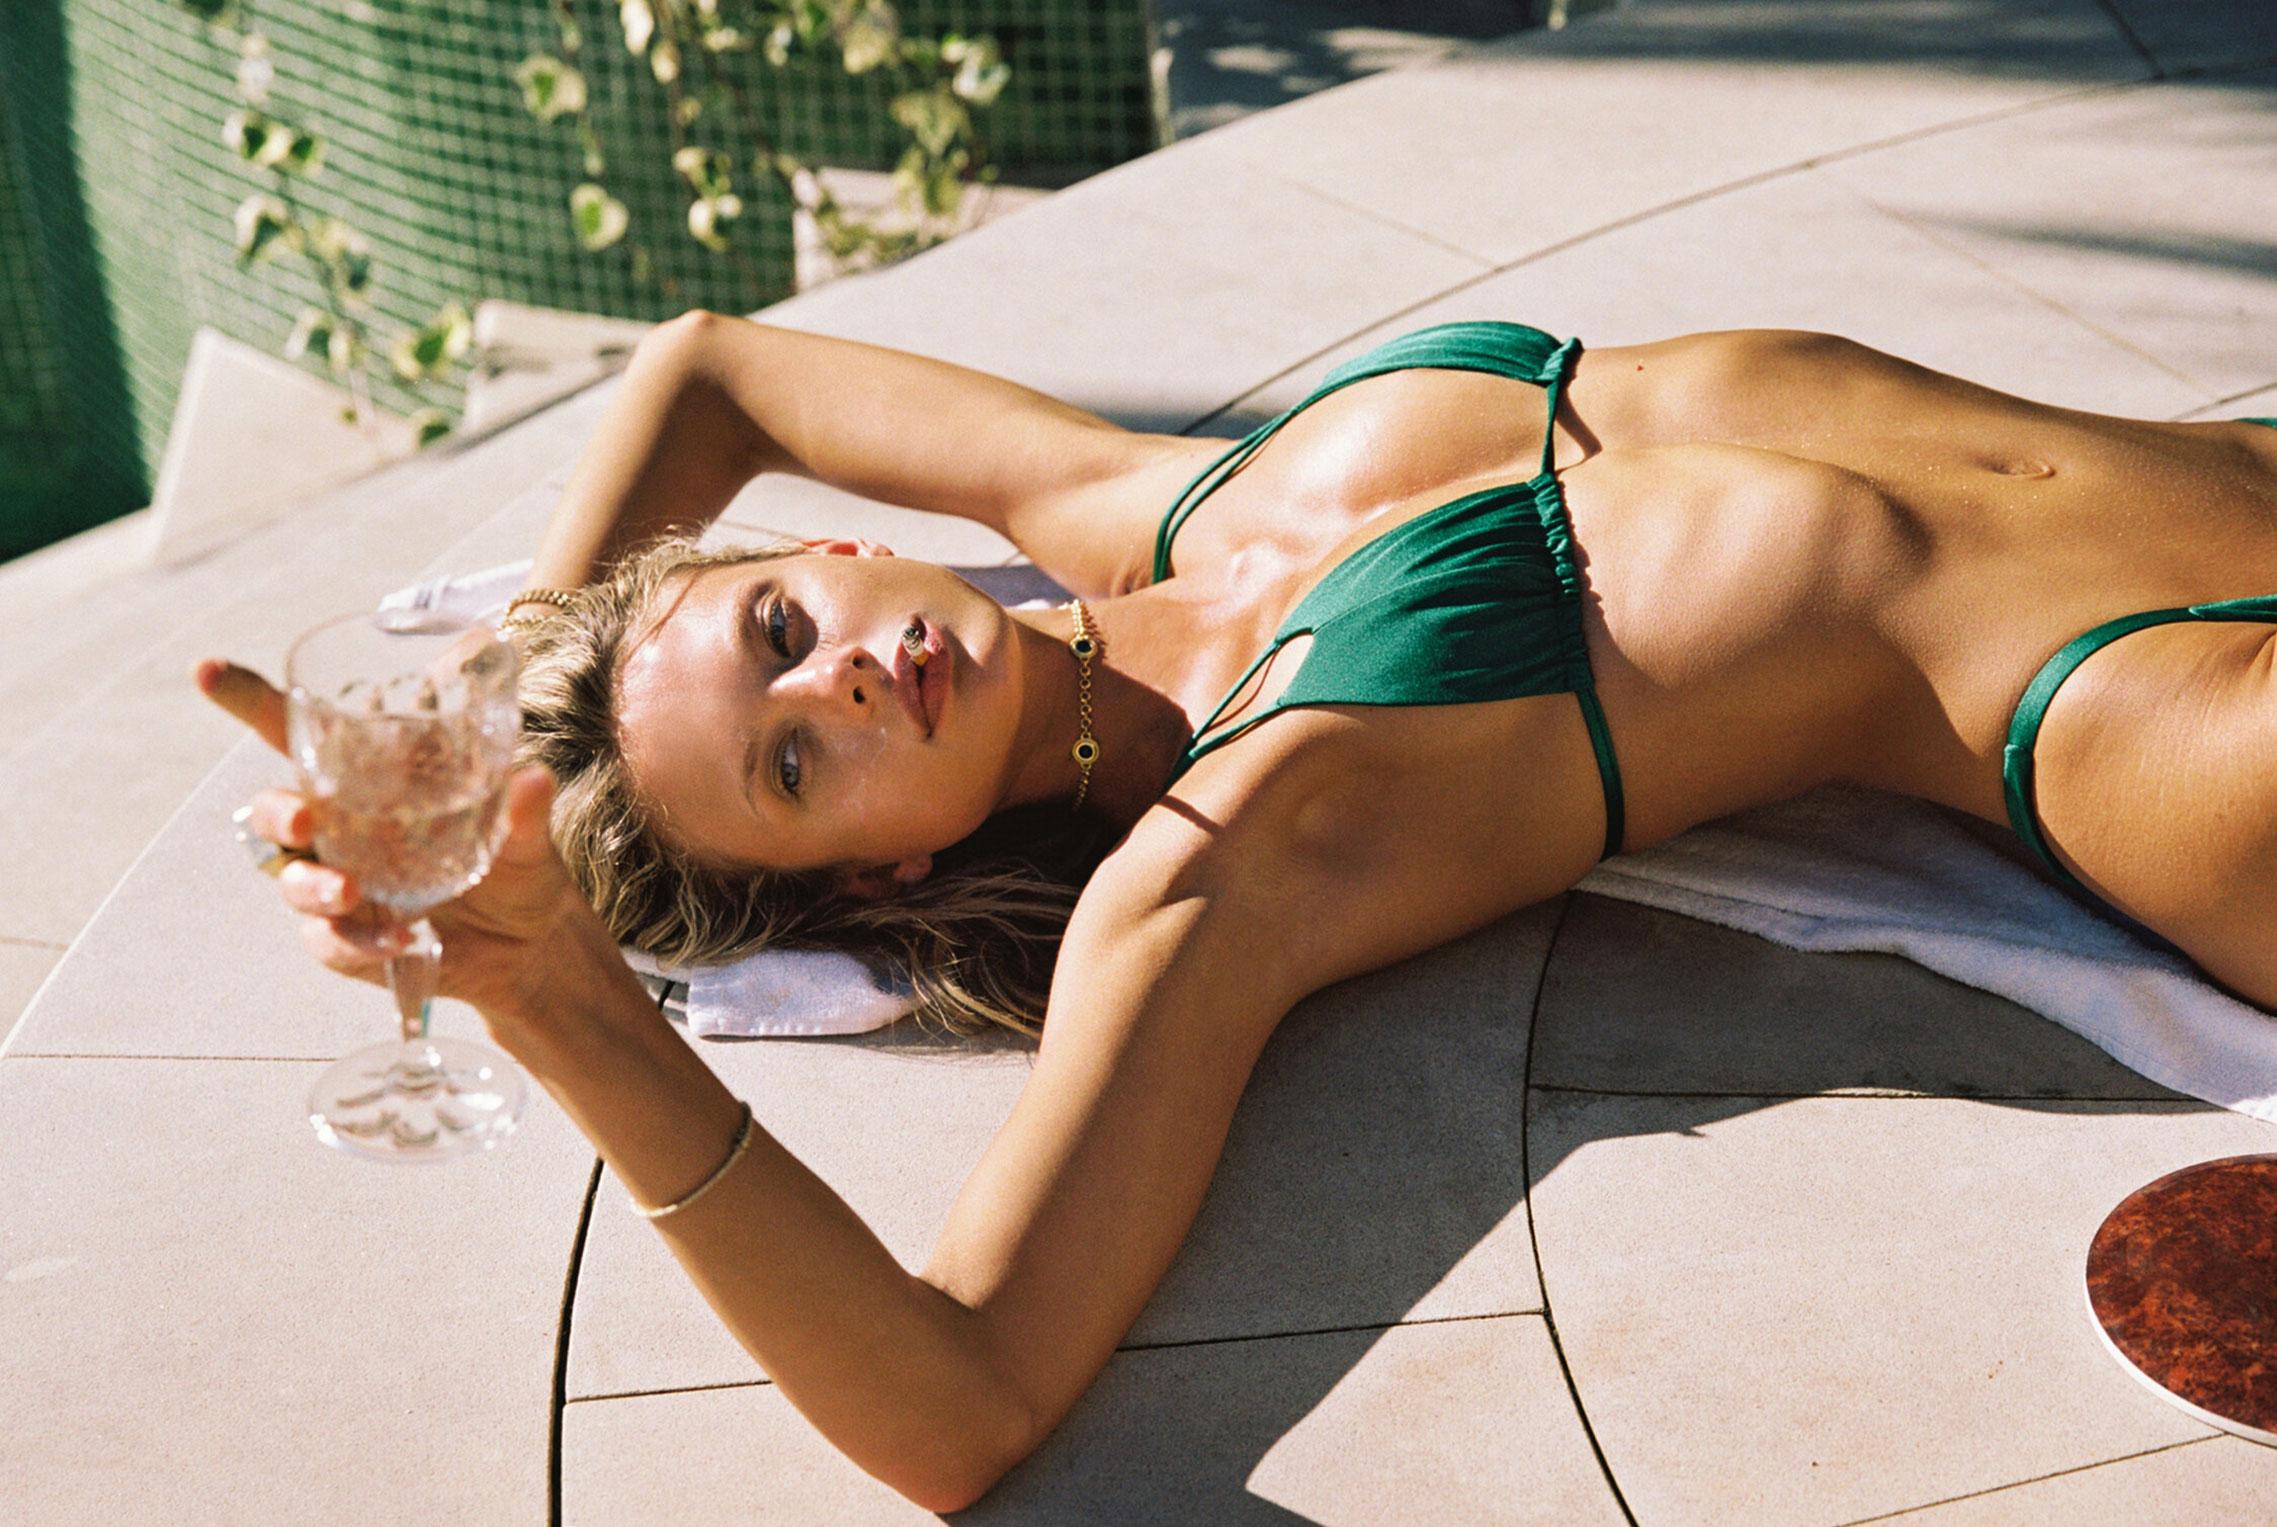 гедонистические развлечения богемы в рекламной кампании коллекции курортной одежды Sommer Swim 2020 / фото 23